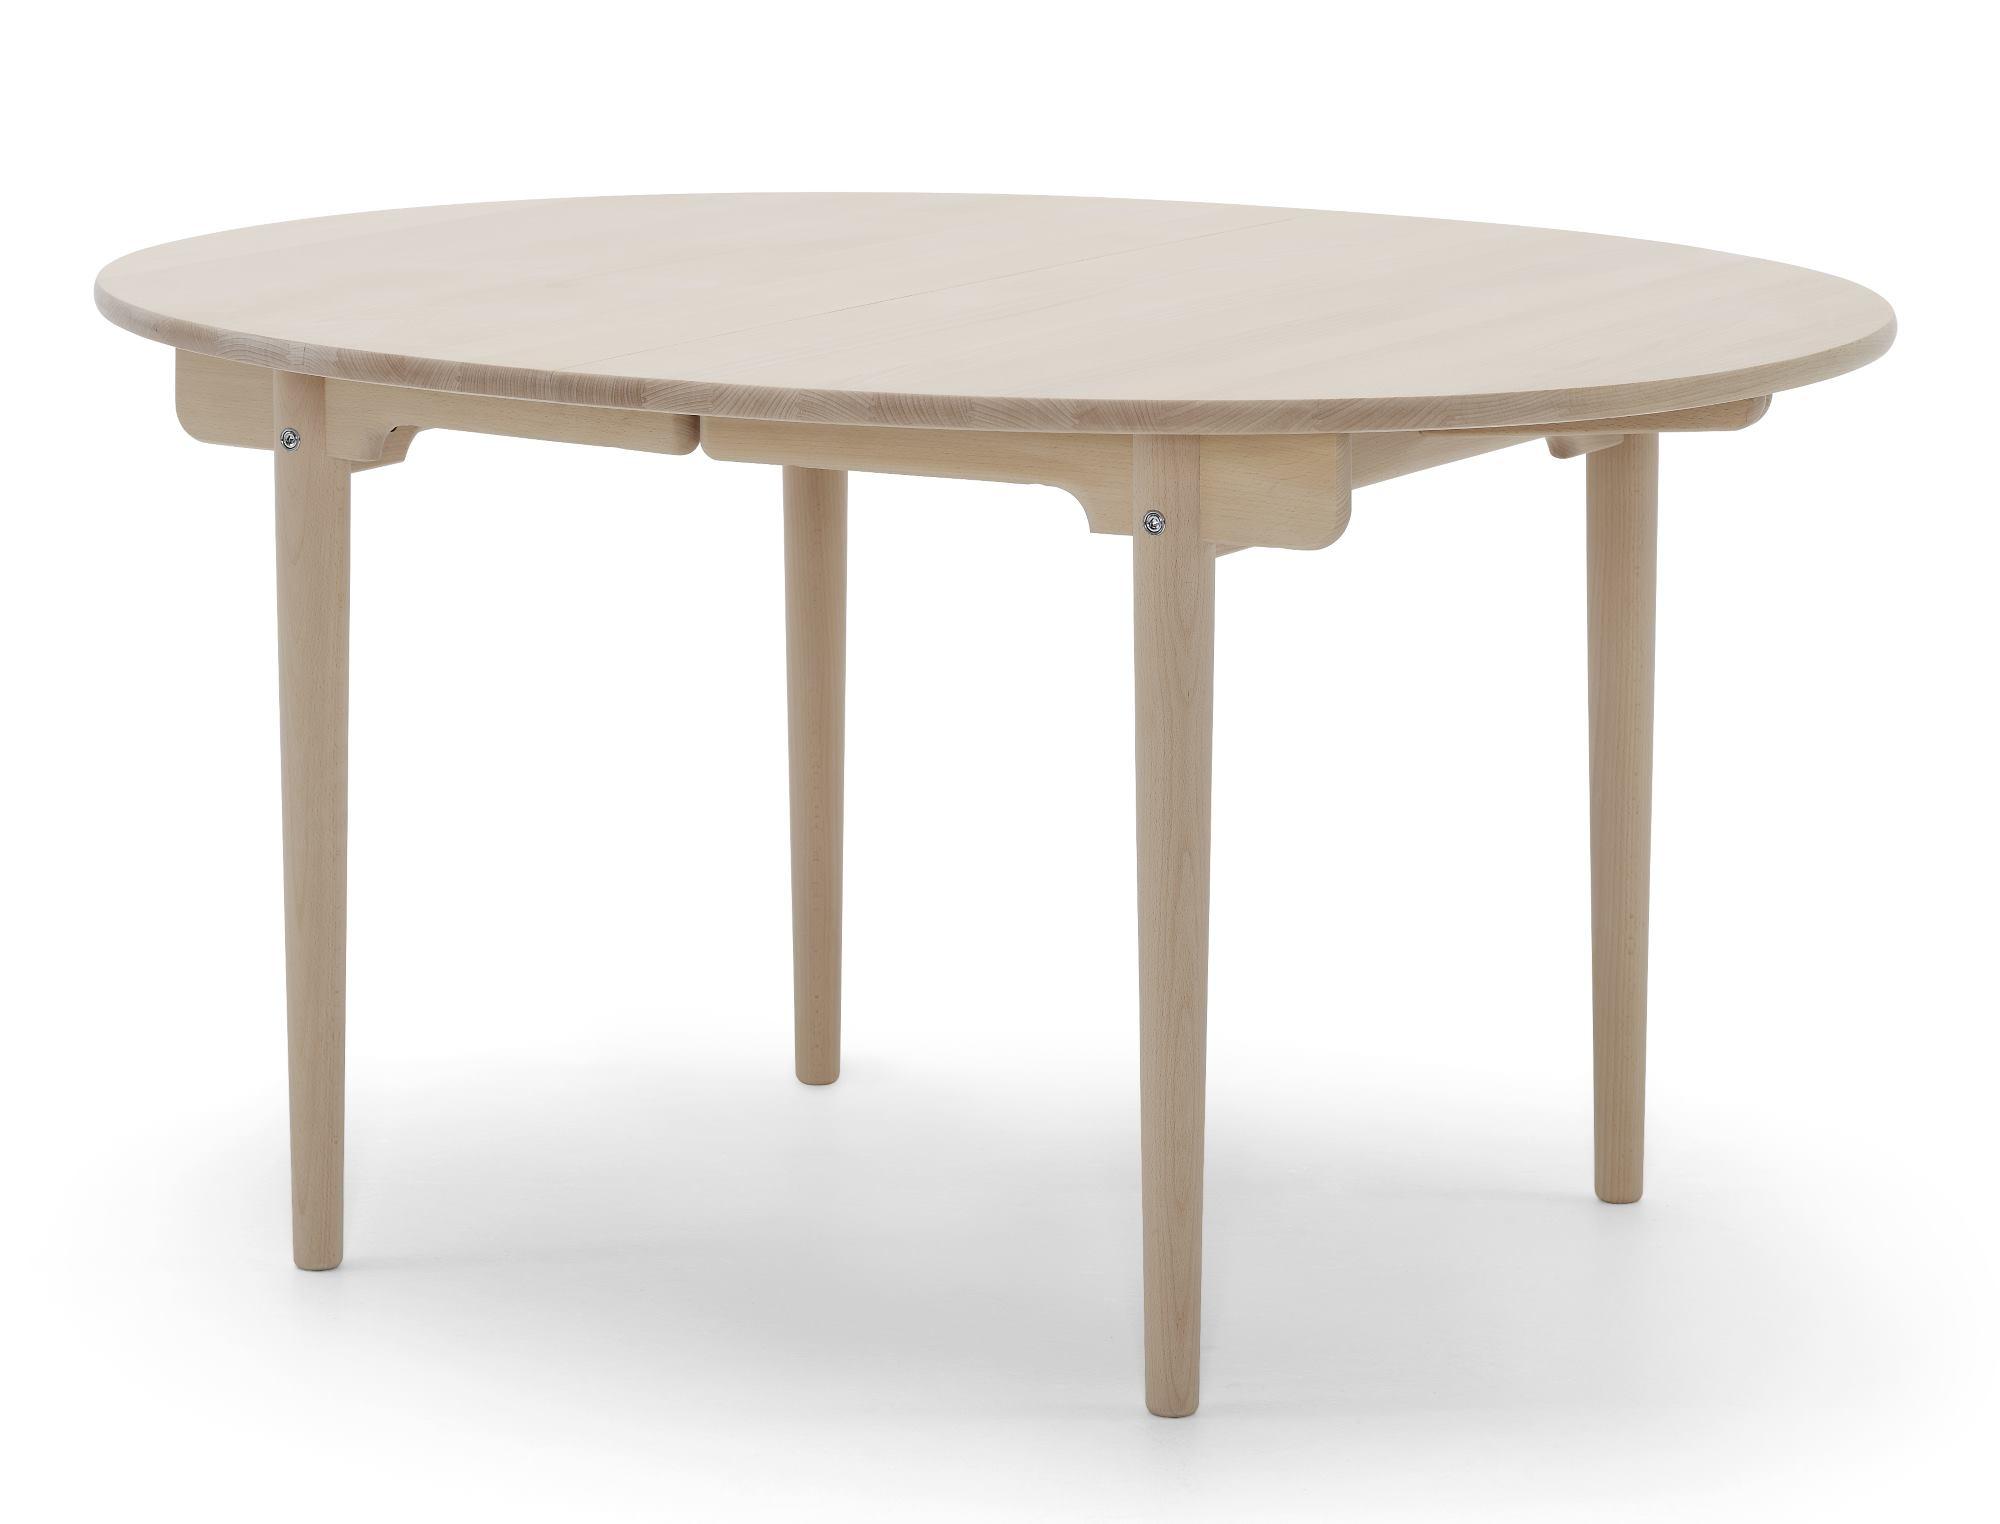 CH337 table Carl Hansen & Søn